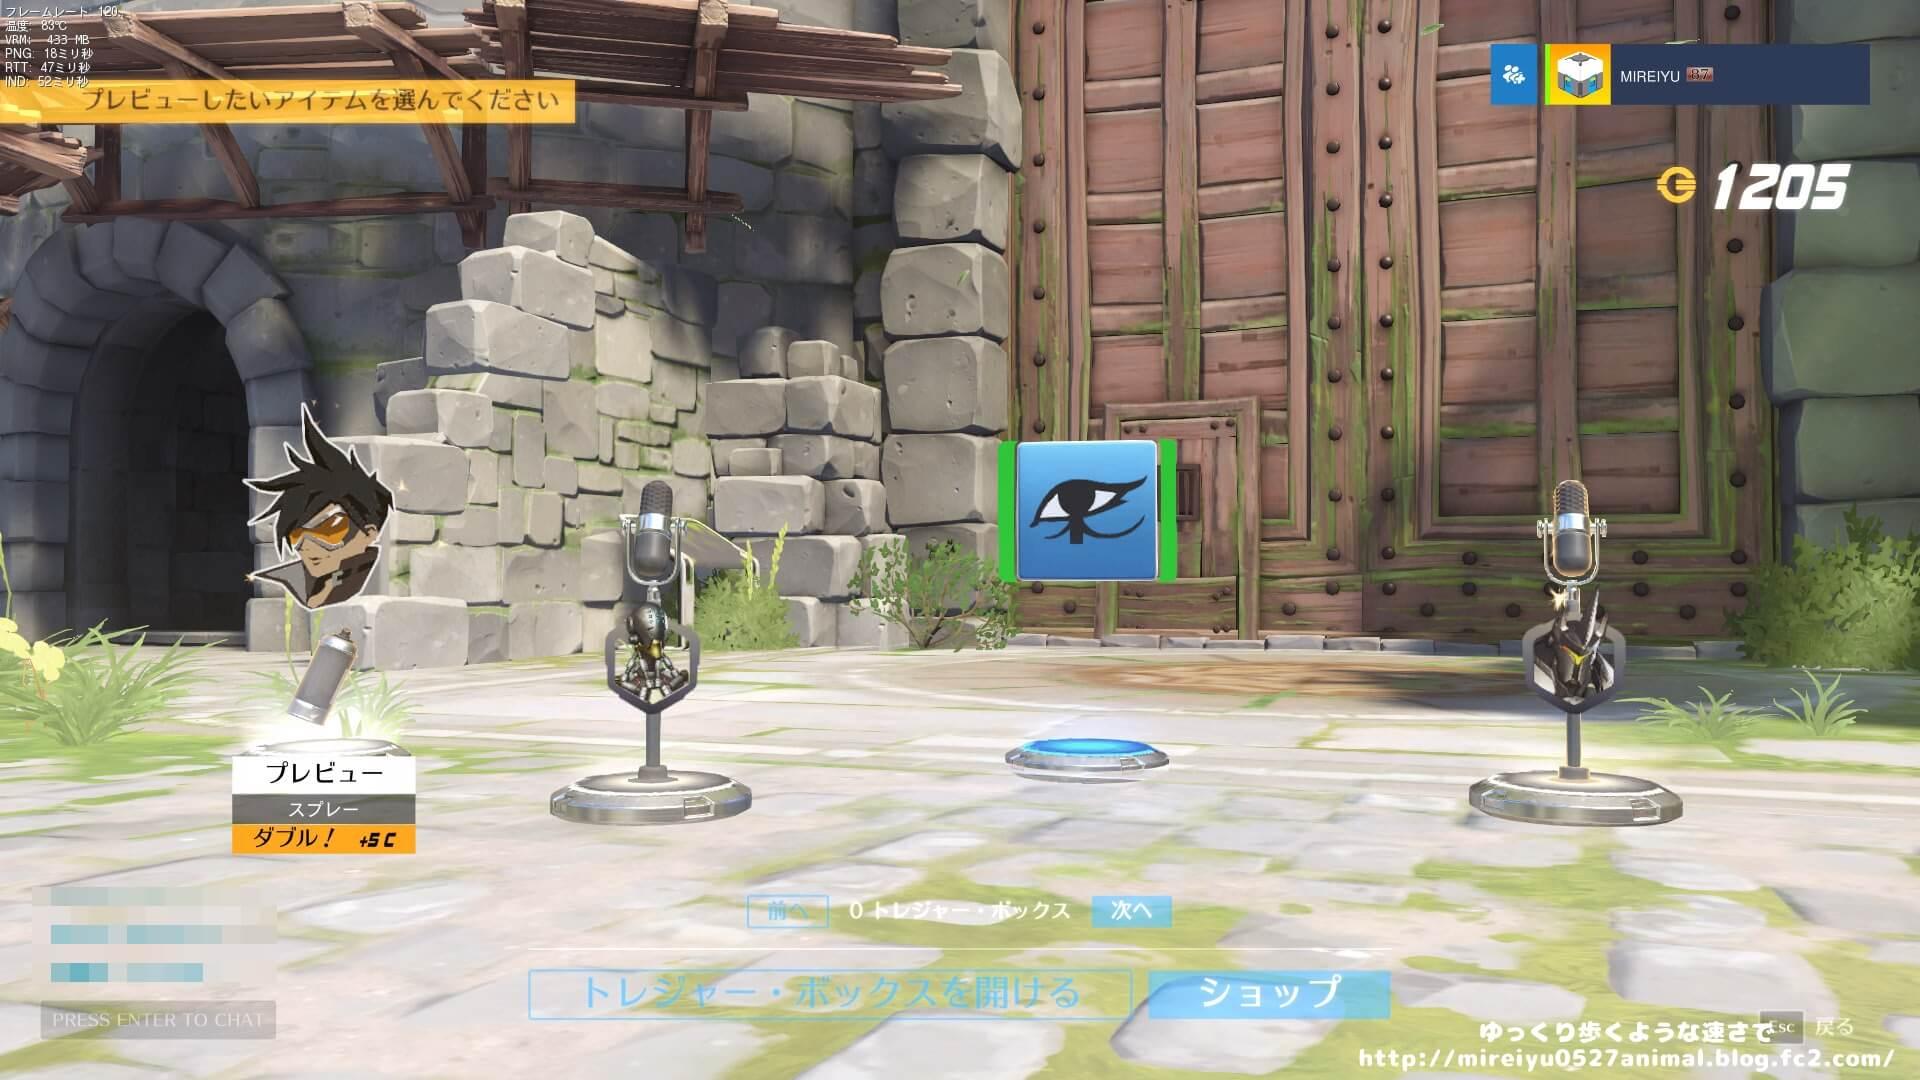 ScreenShot_16-09-05_19-26-46-000.jpg